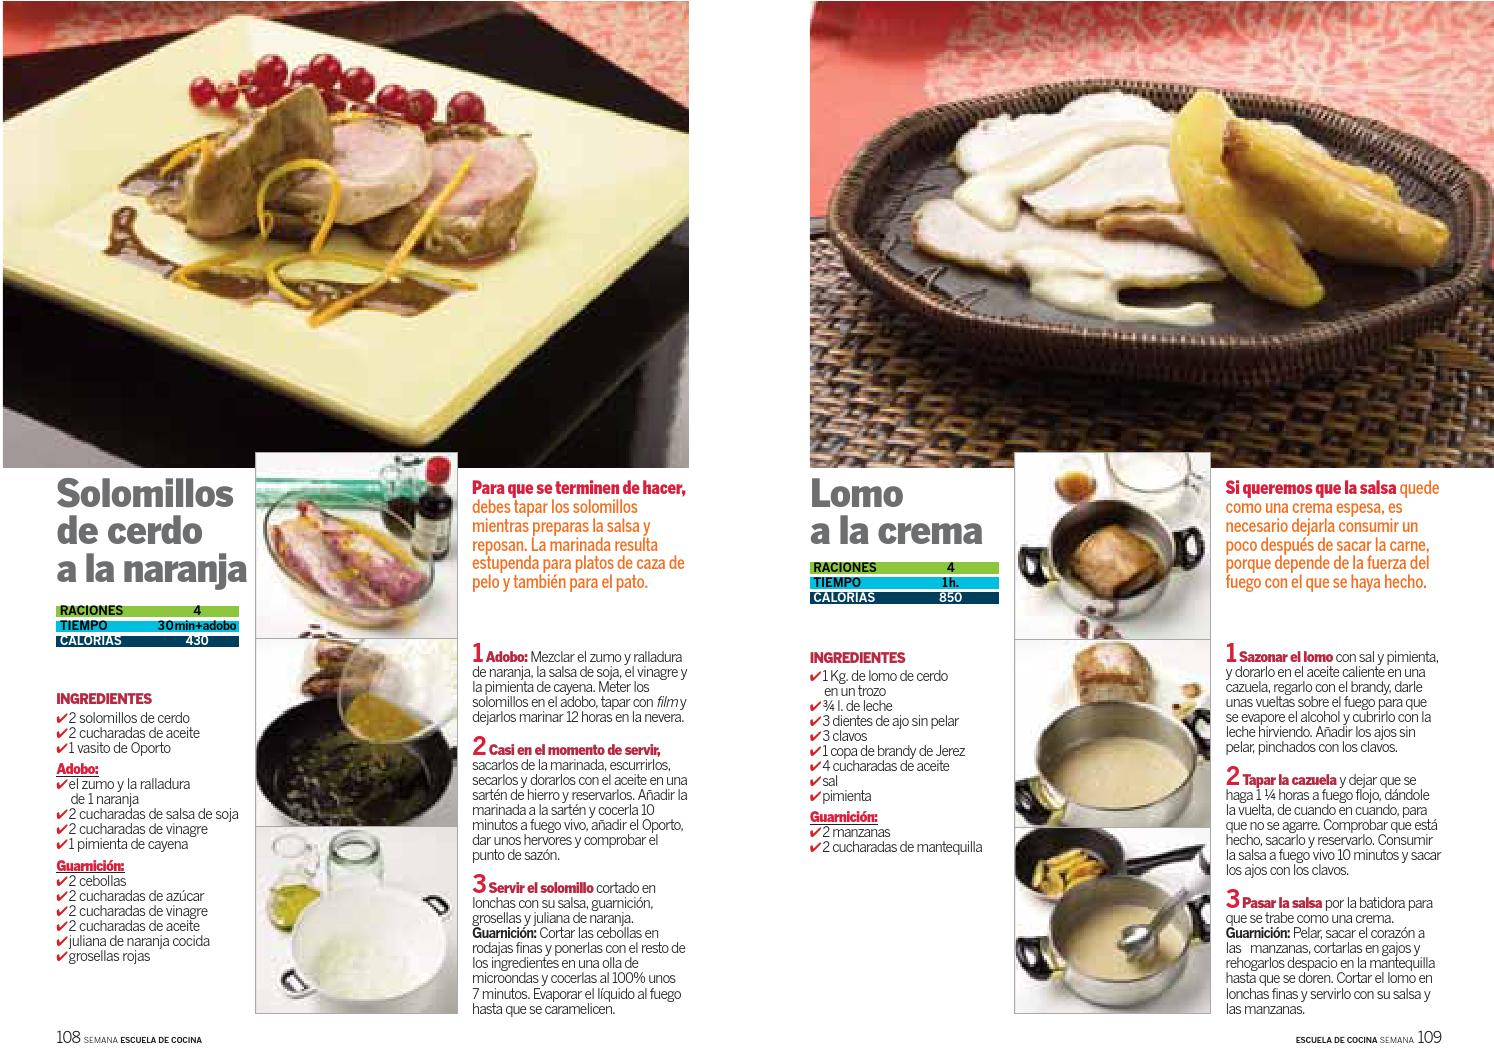 Coleccionable escuela de cocina by pamela gonzalez issuu - Cayena escuela de cocina ...